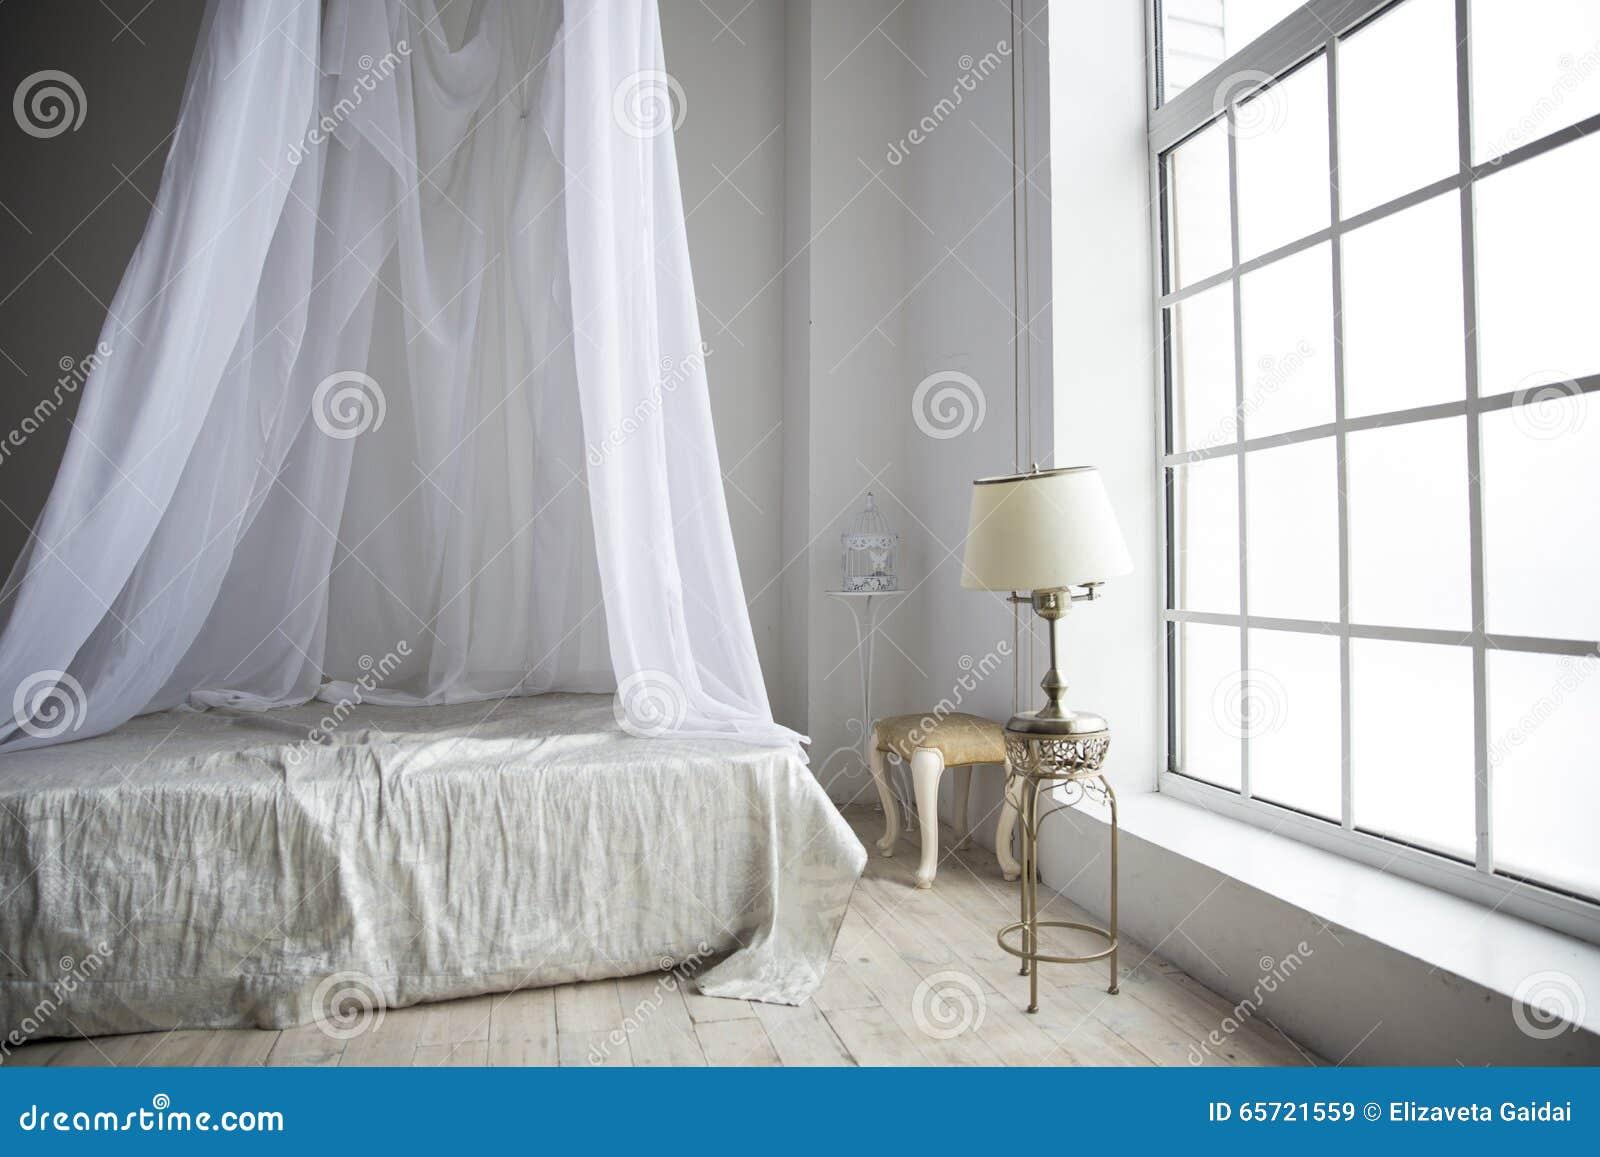 Slaapkamer Met Pastelkleuren : Een comfortabele slaapkamer in pastelkleuren met een groot bed